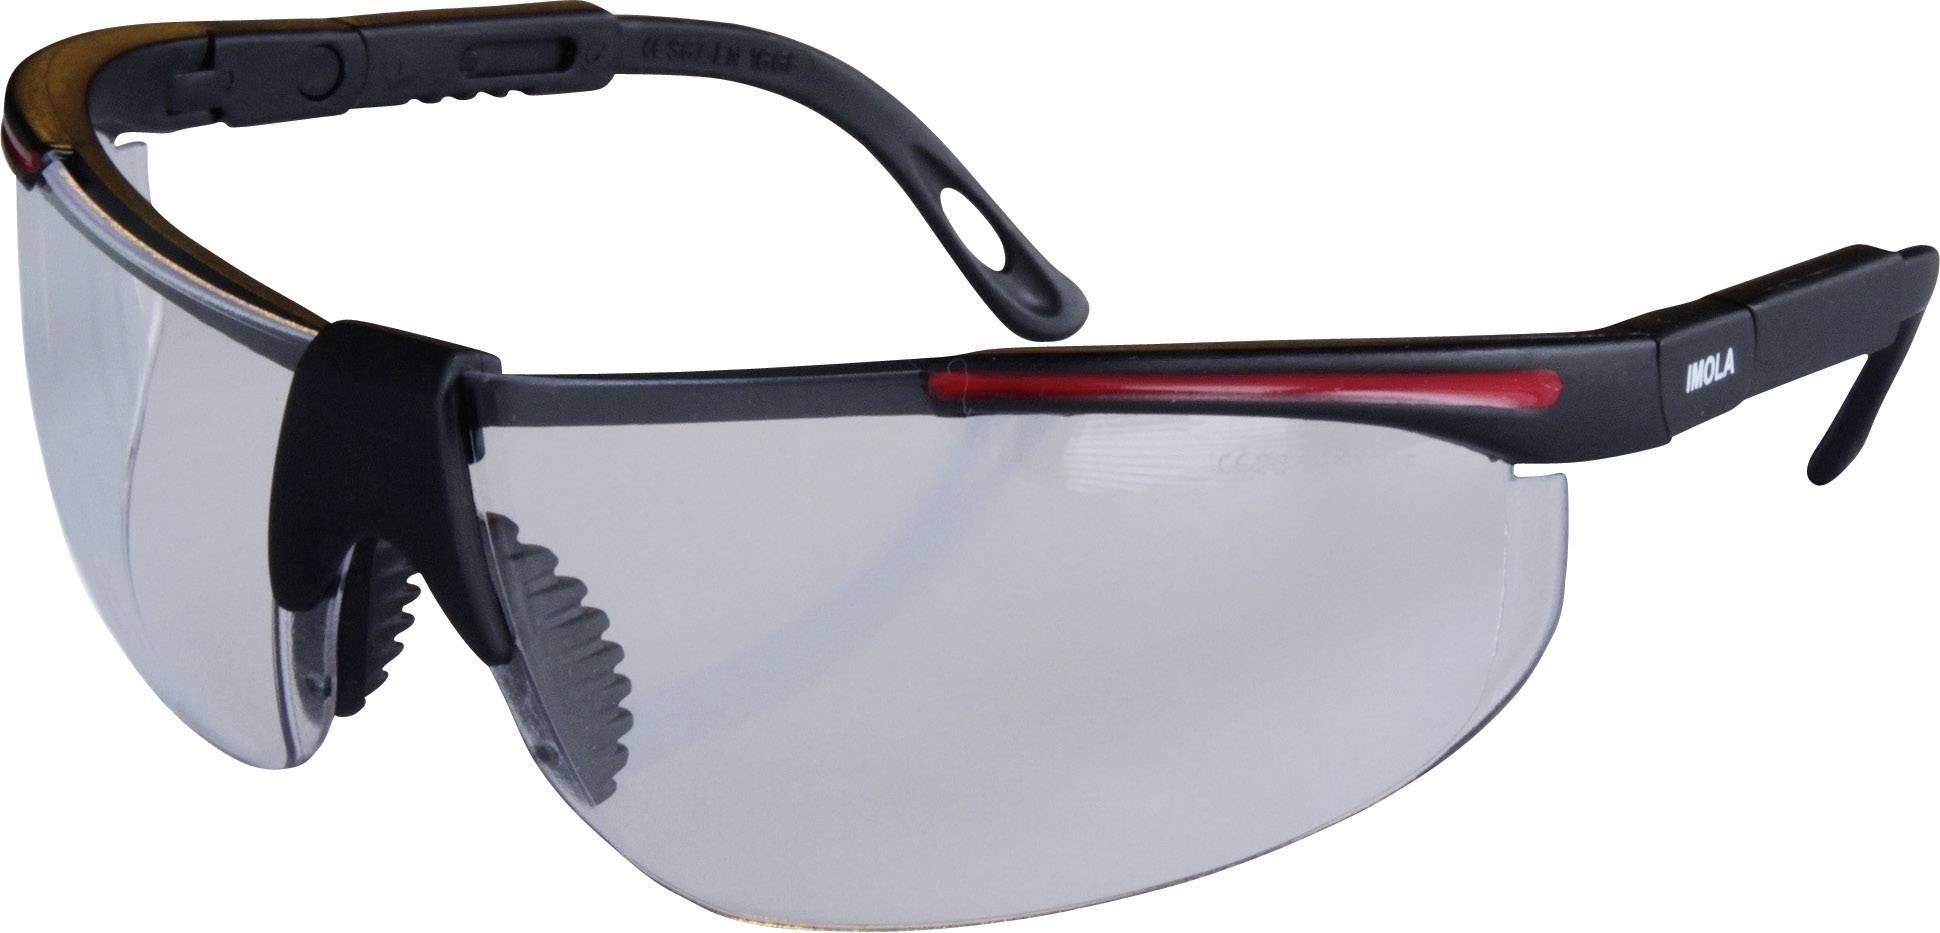 Ochranné brýle Imola, 2012007, transparentní